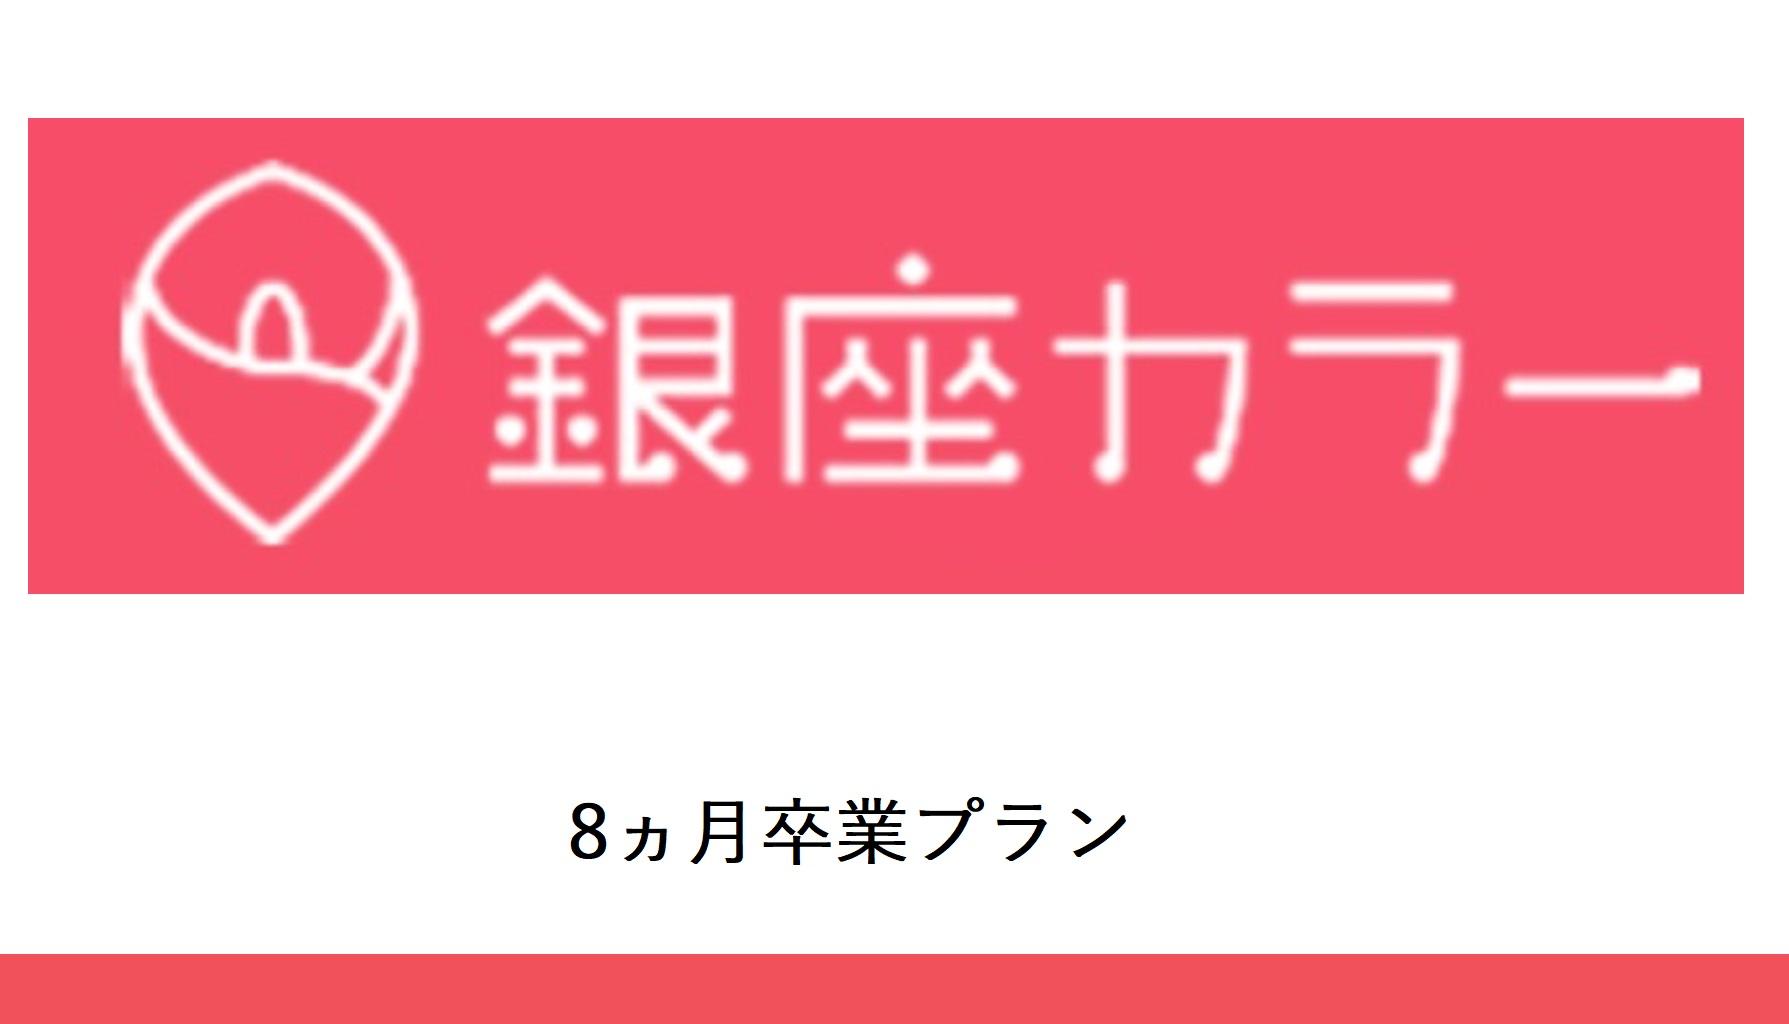 銀座カラー柏店(8ヵ月卒業プラン)